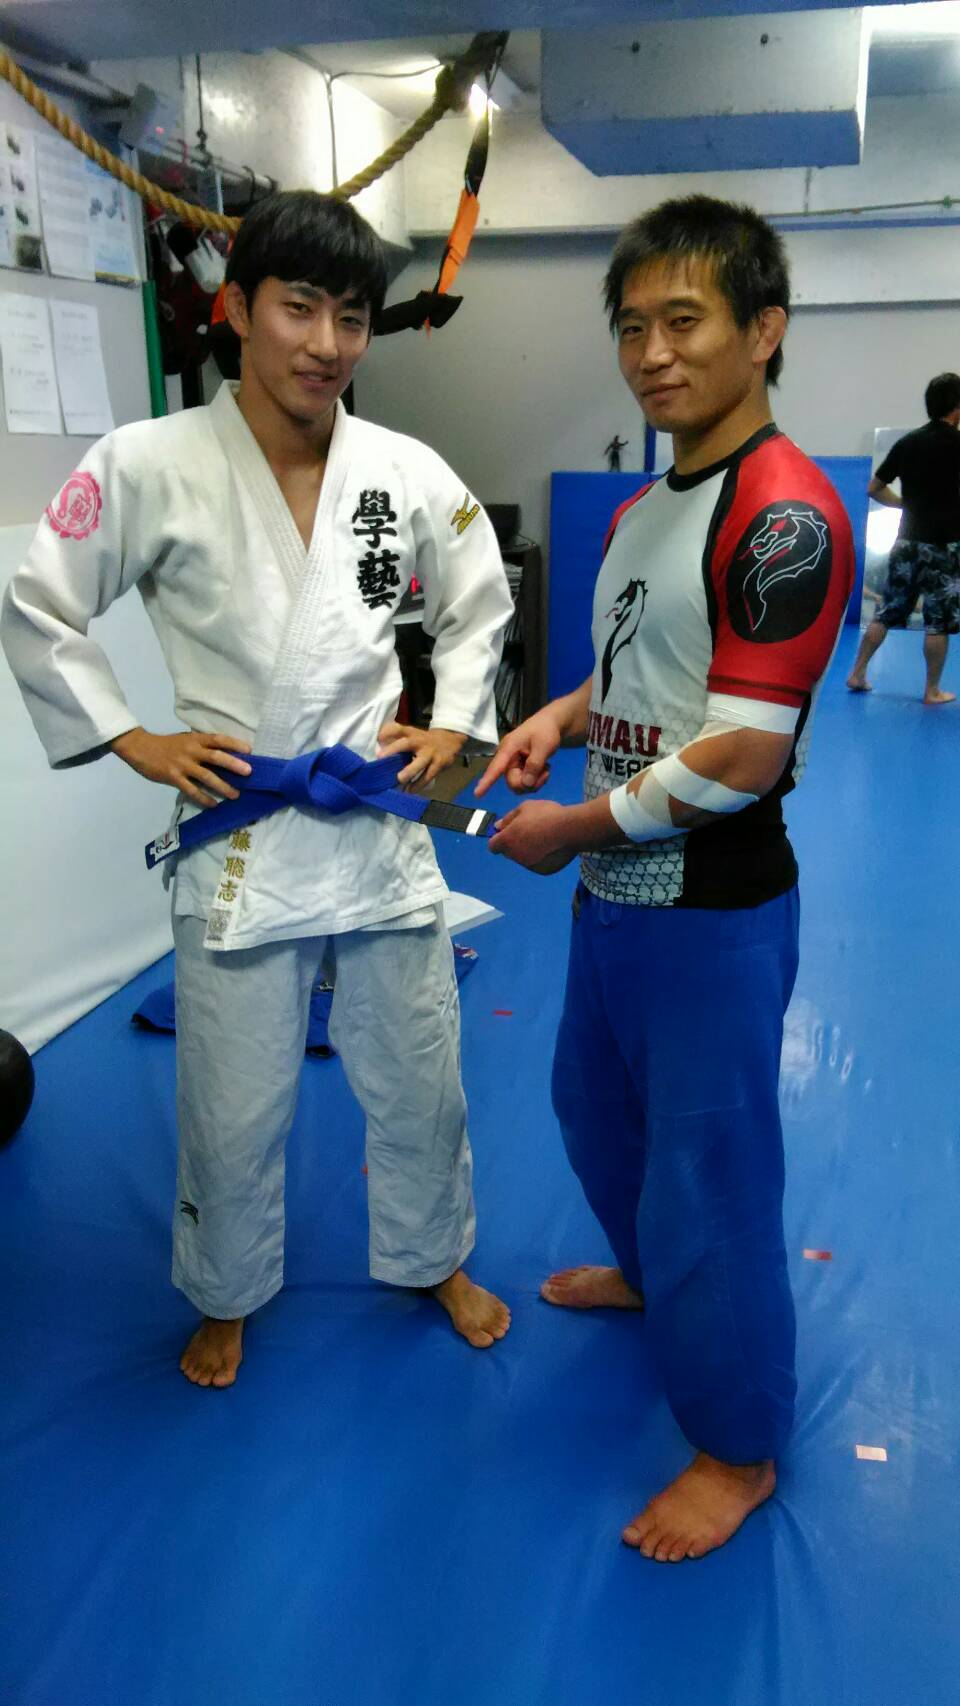 国際ブラジリアン柔術連盟アジアオープン選手権写真01